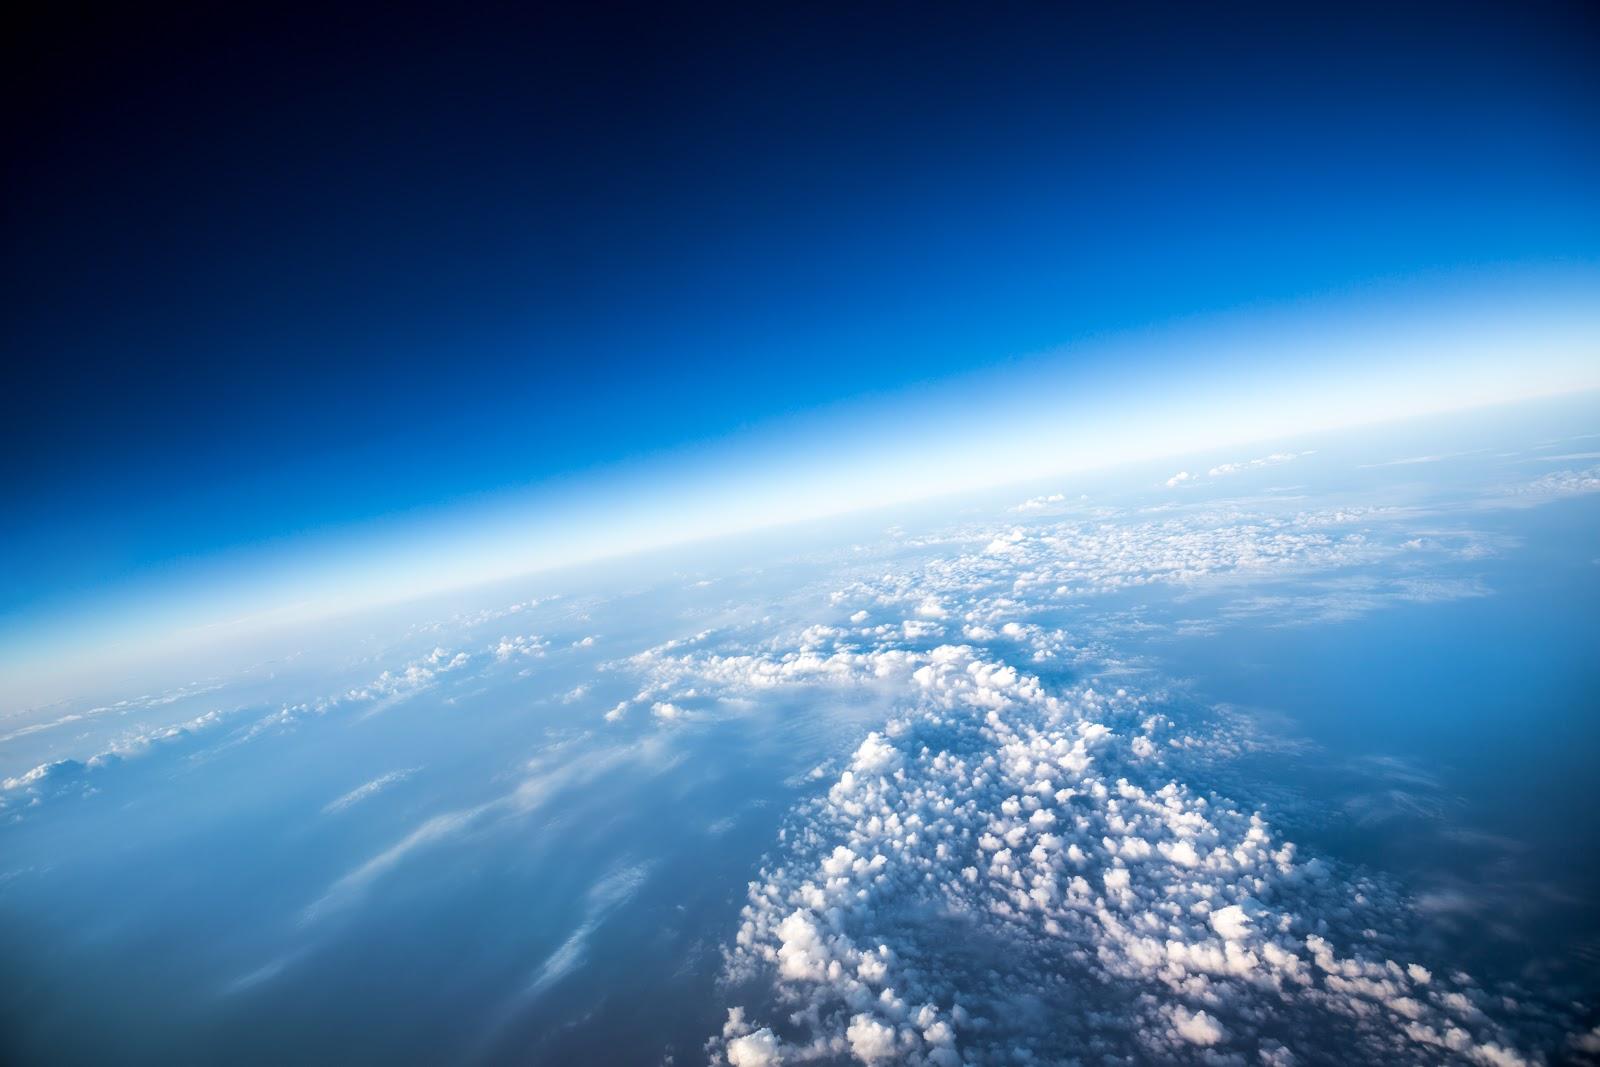 Ar-condicionado e Camada de Ozônio: o que eles têm a ver?